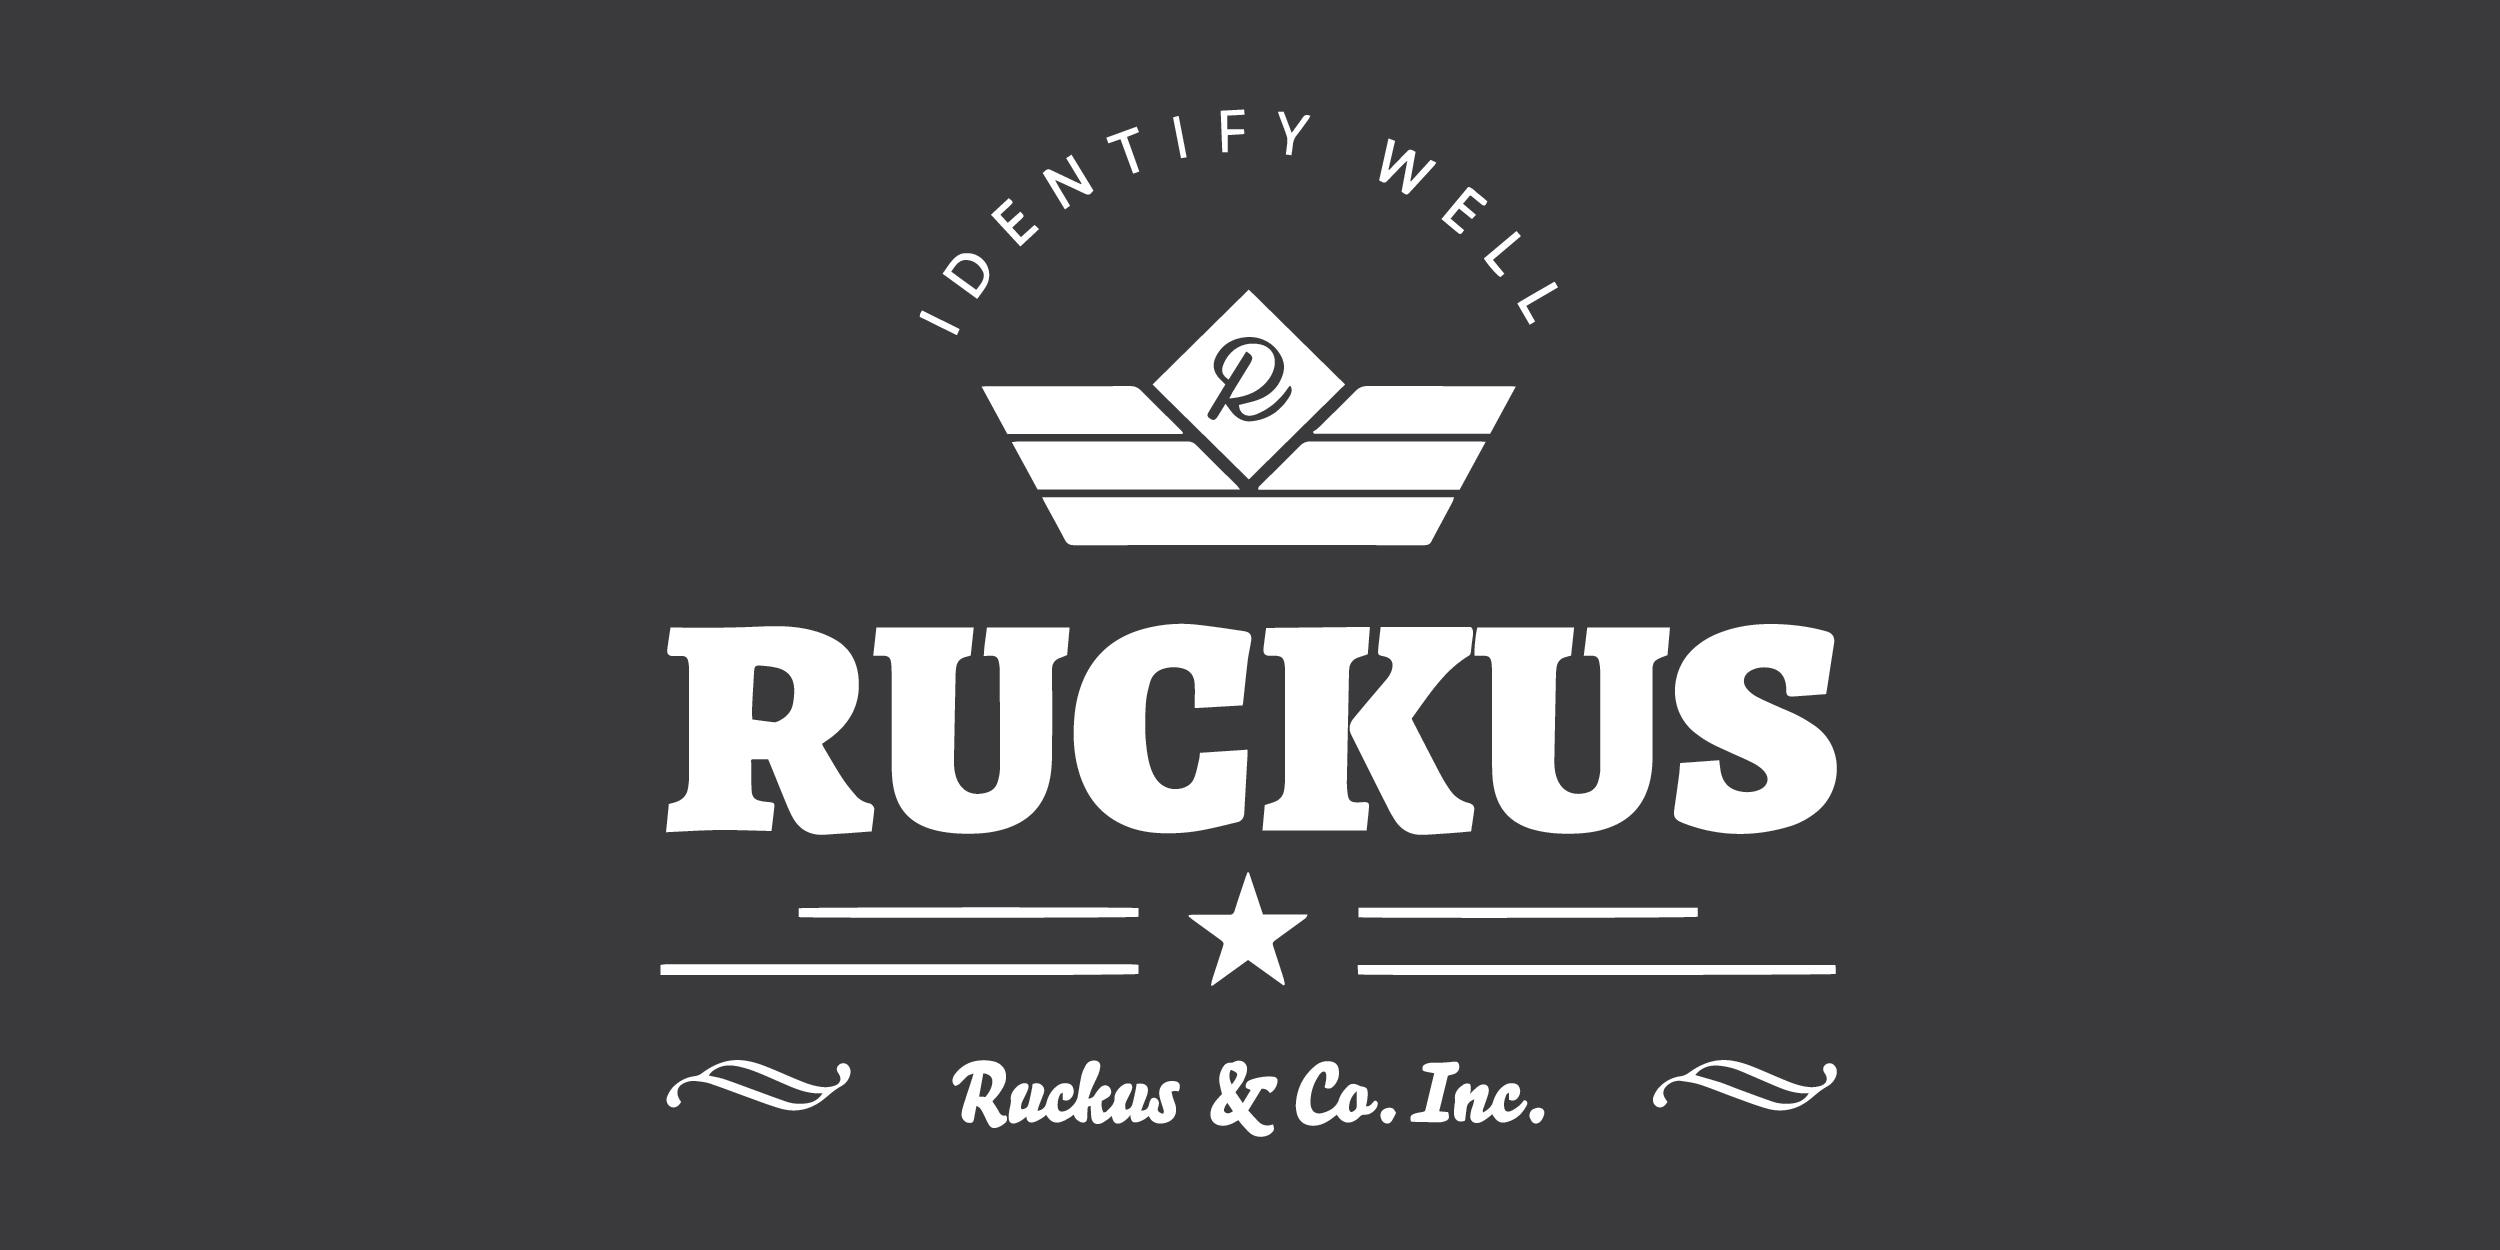 ruckus-01.jpg